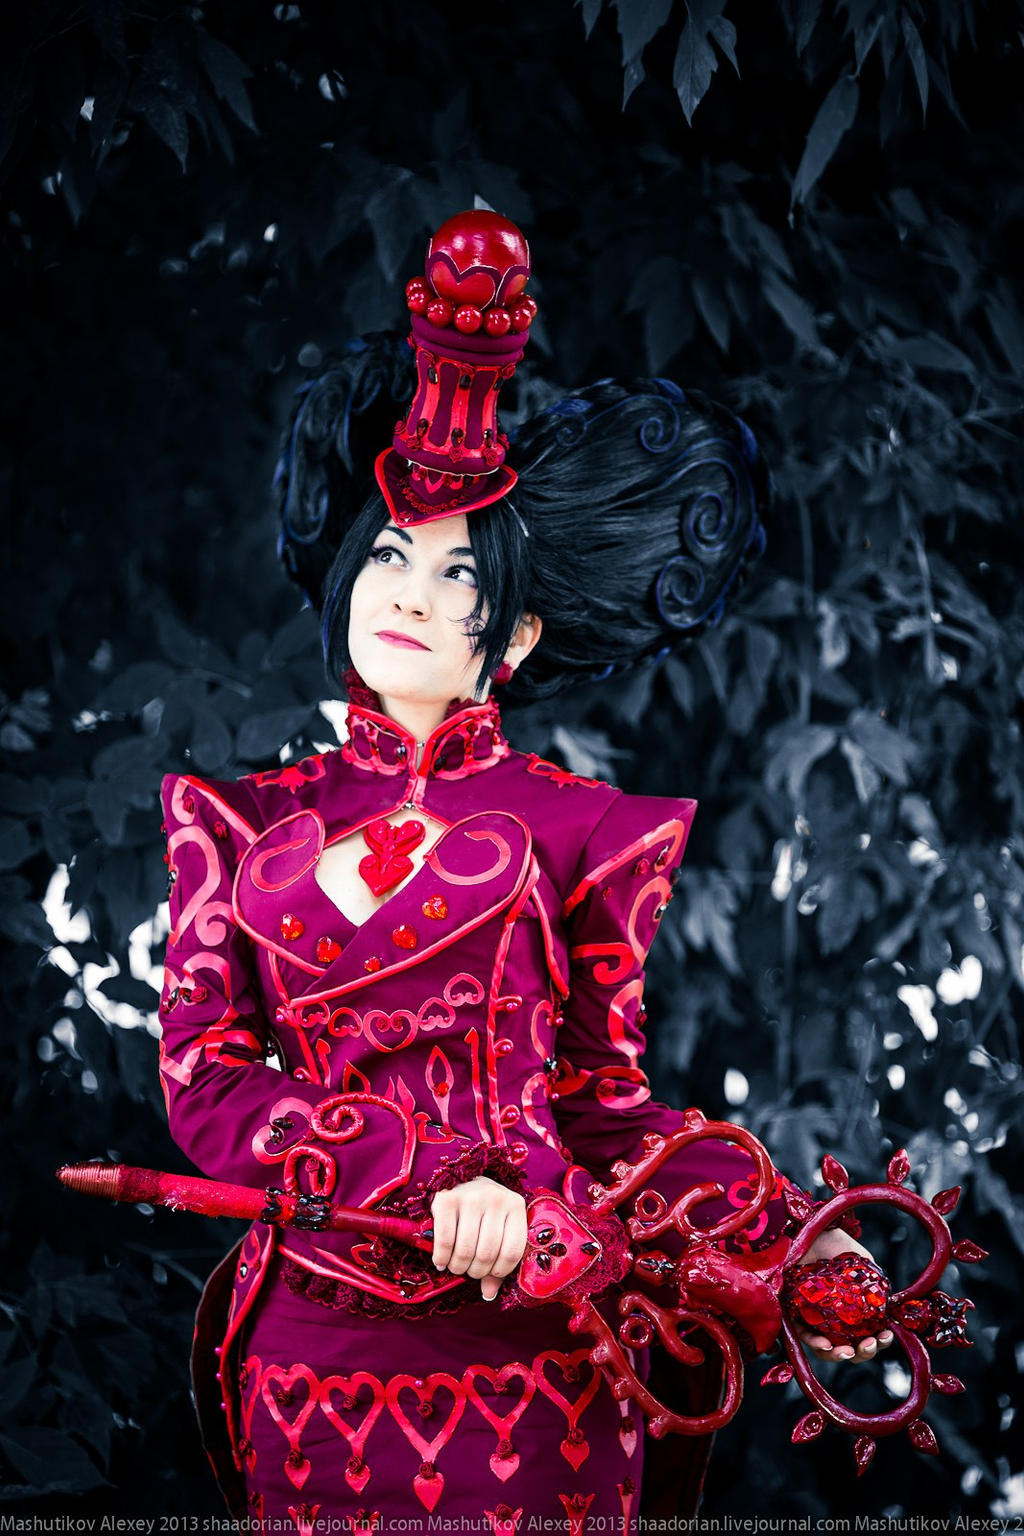 Scissors Crown - Red Queen? by NemoZoe